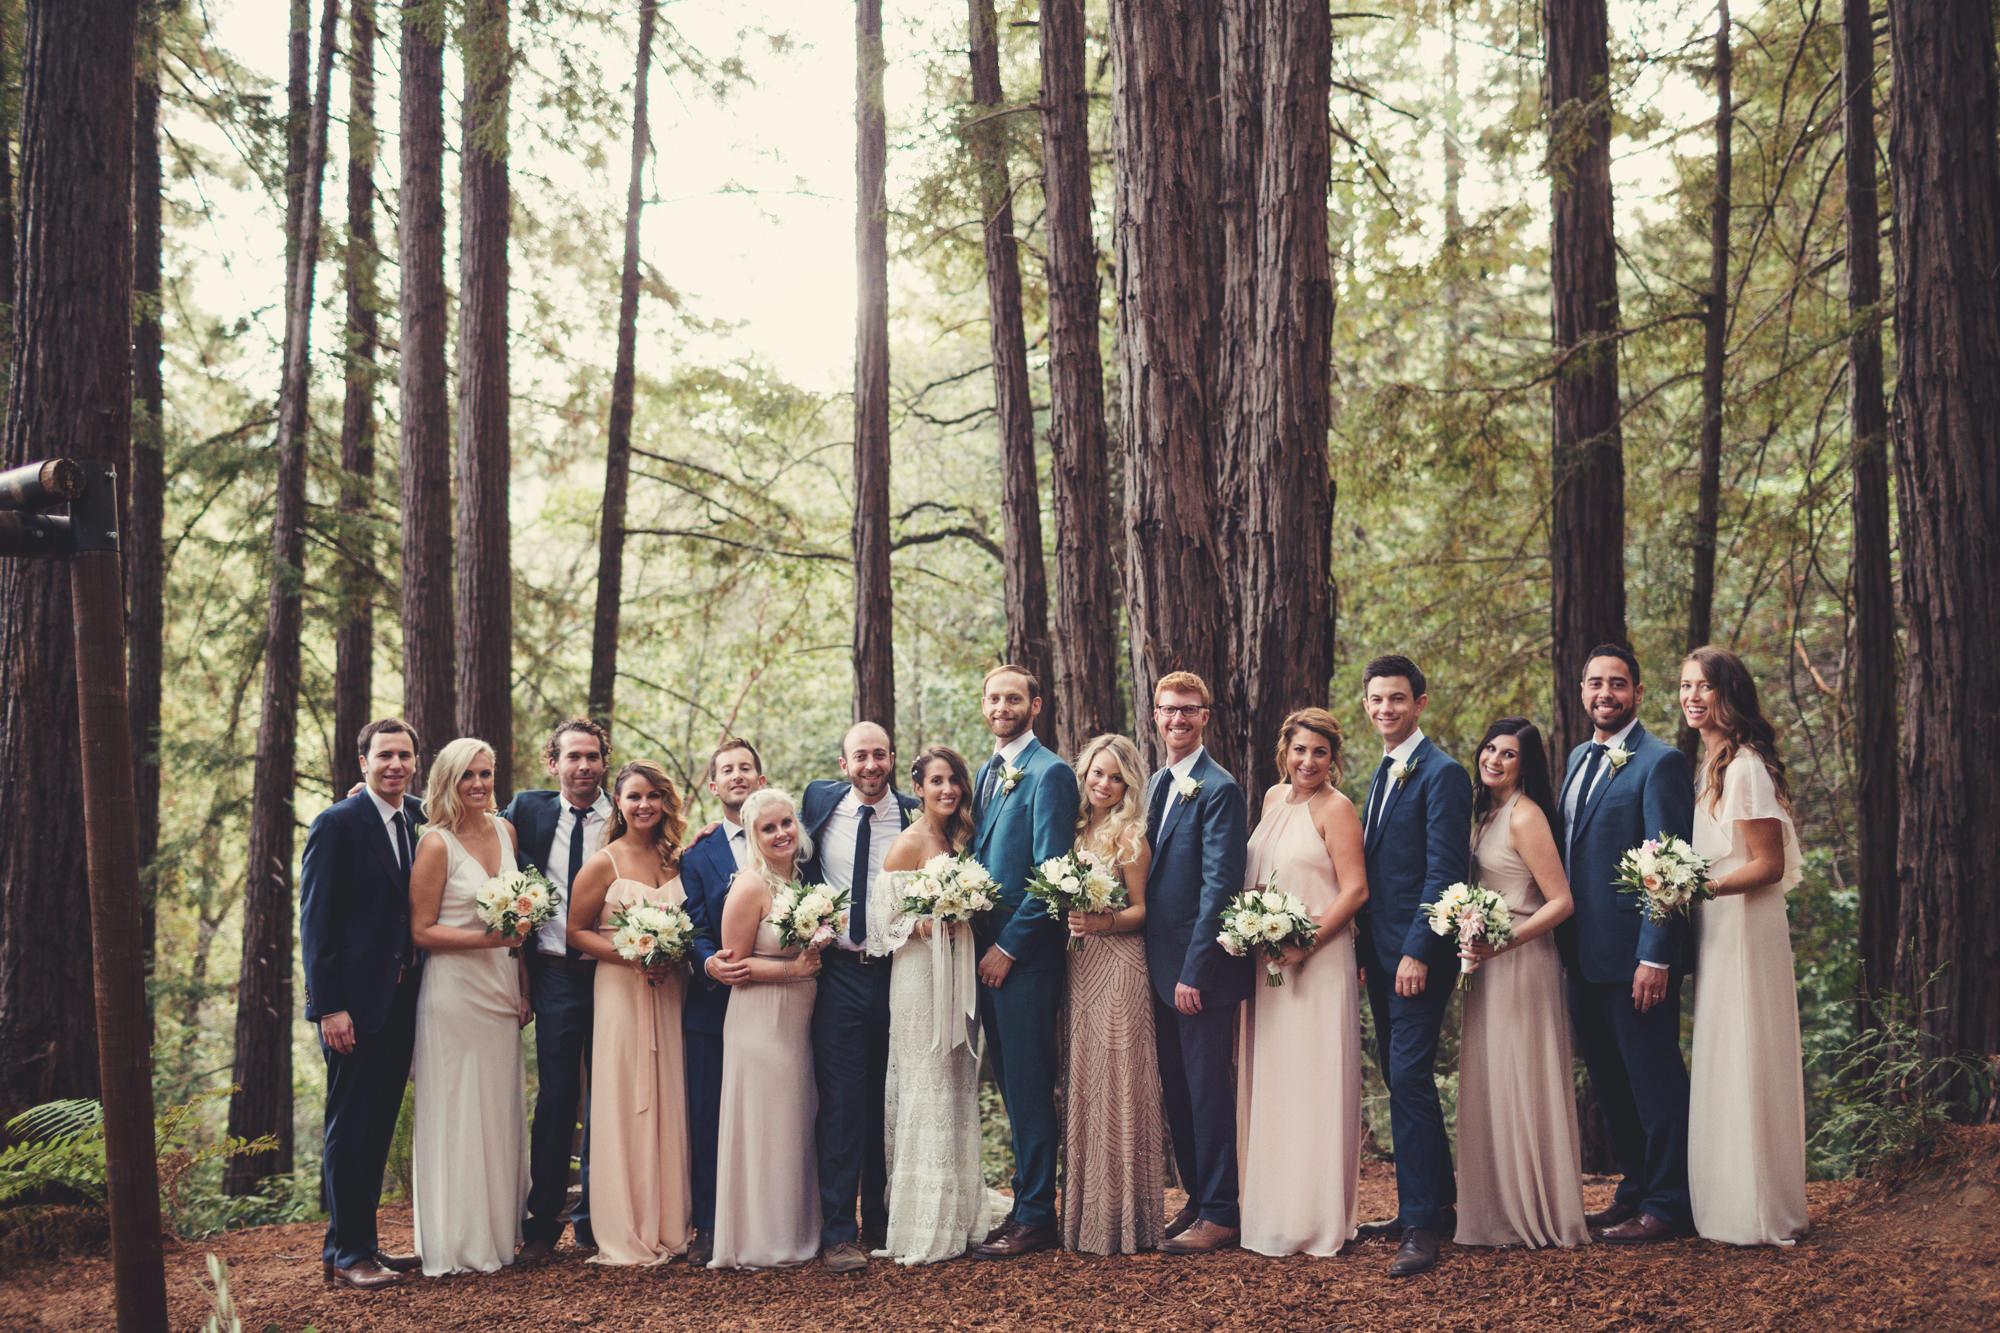 Sequoia Retreat Center Wedding@Anne-Claire Brun 141